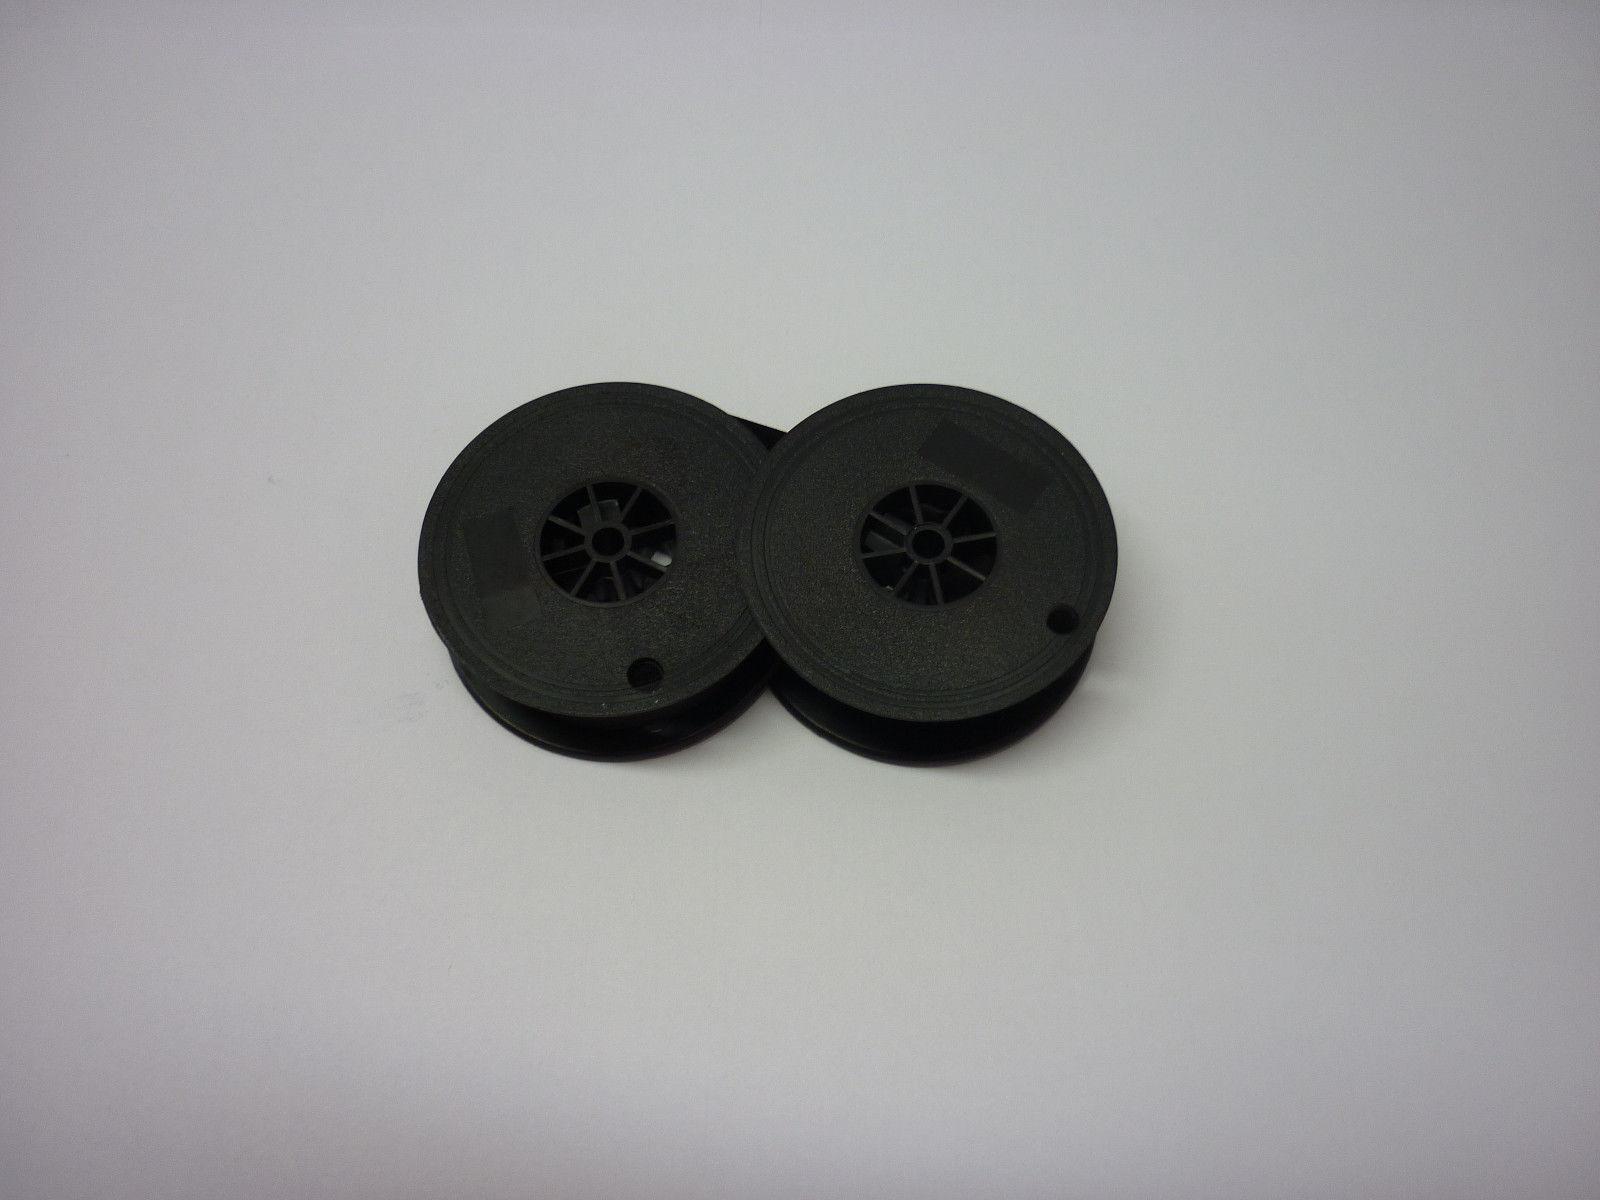 Olivetti Lettera 36 Typewriter Ribbon Black Twin Spool